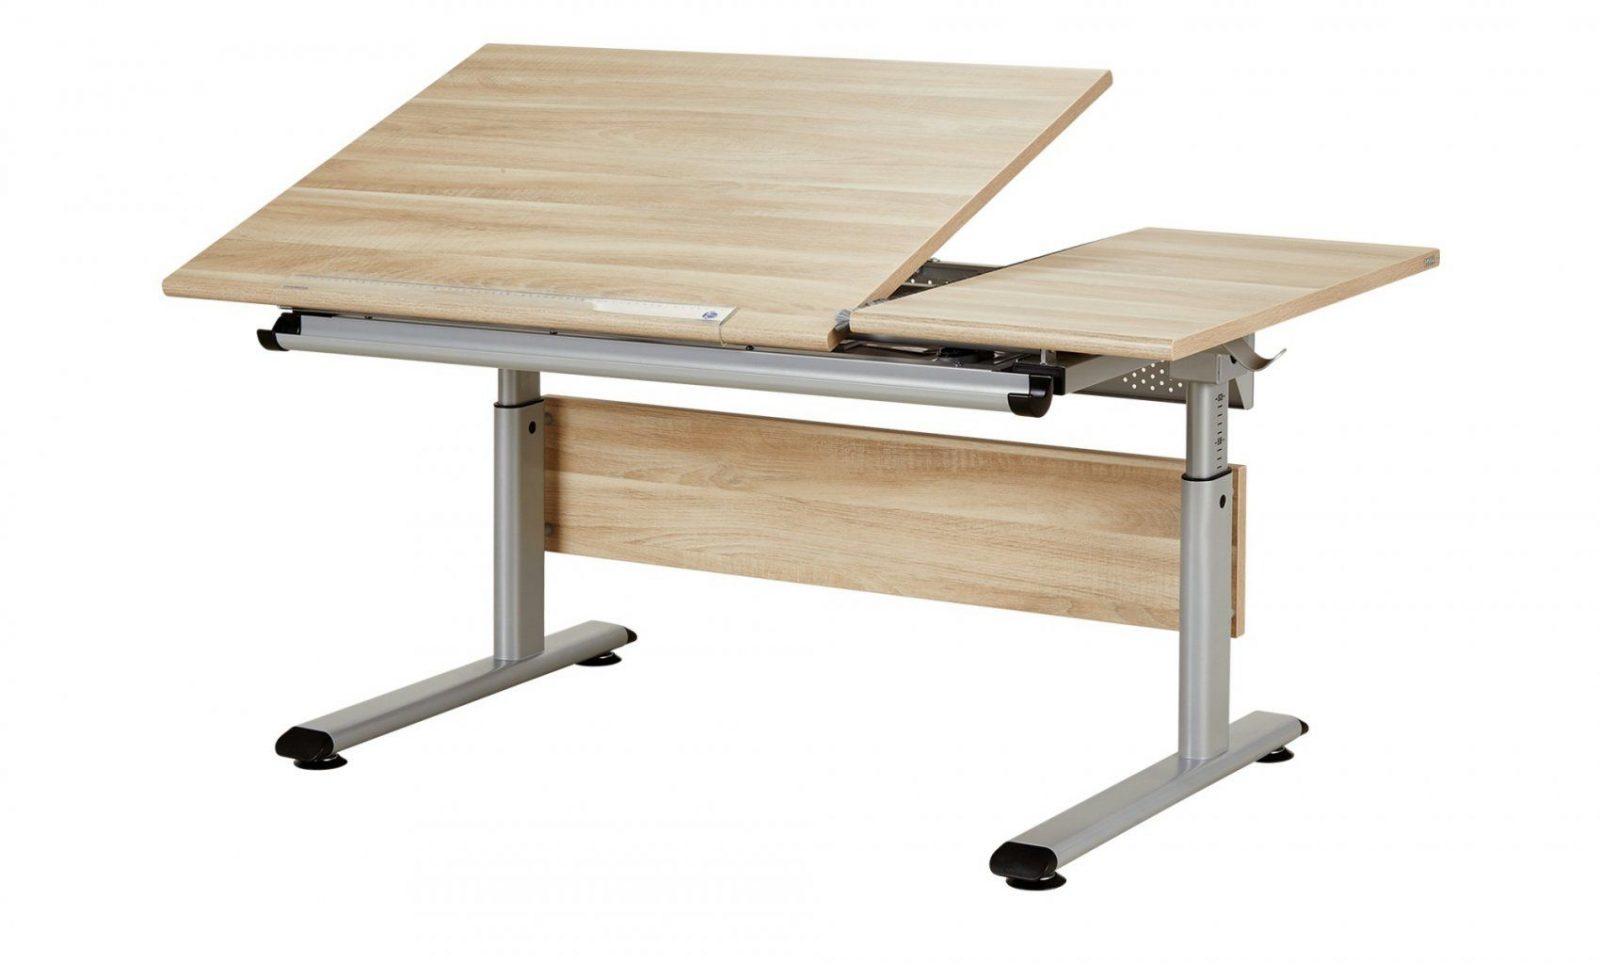 Paidi Schülerschreibtisch Marco 2 Gt  Eiche (Nachbildung) von Schreibtisch Marco 2 Gt Bild